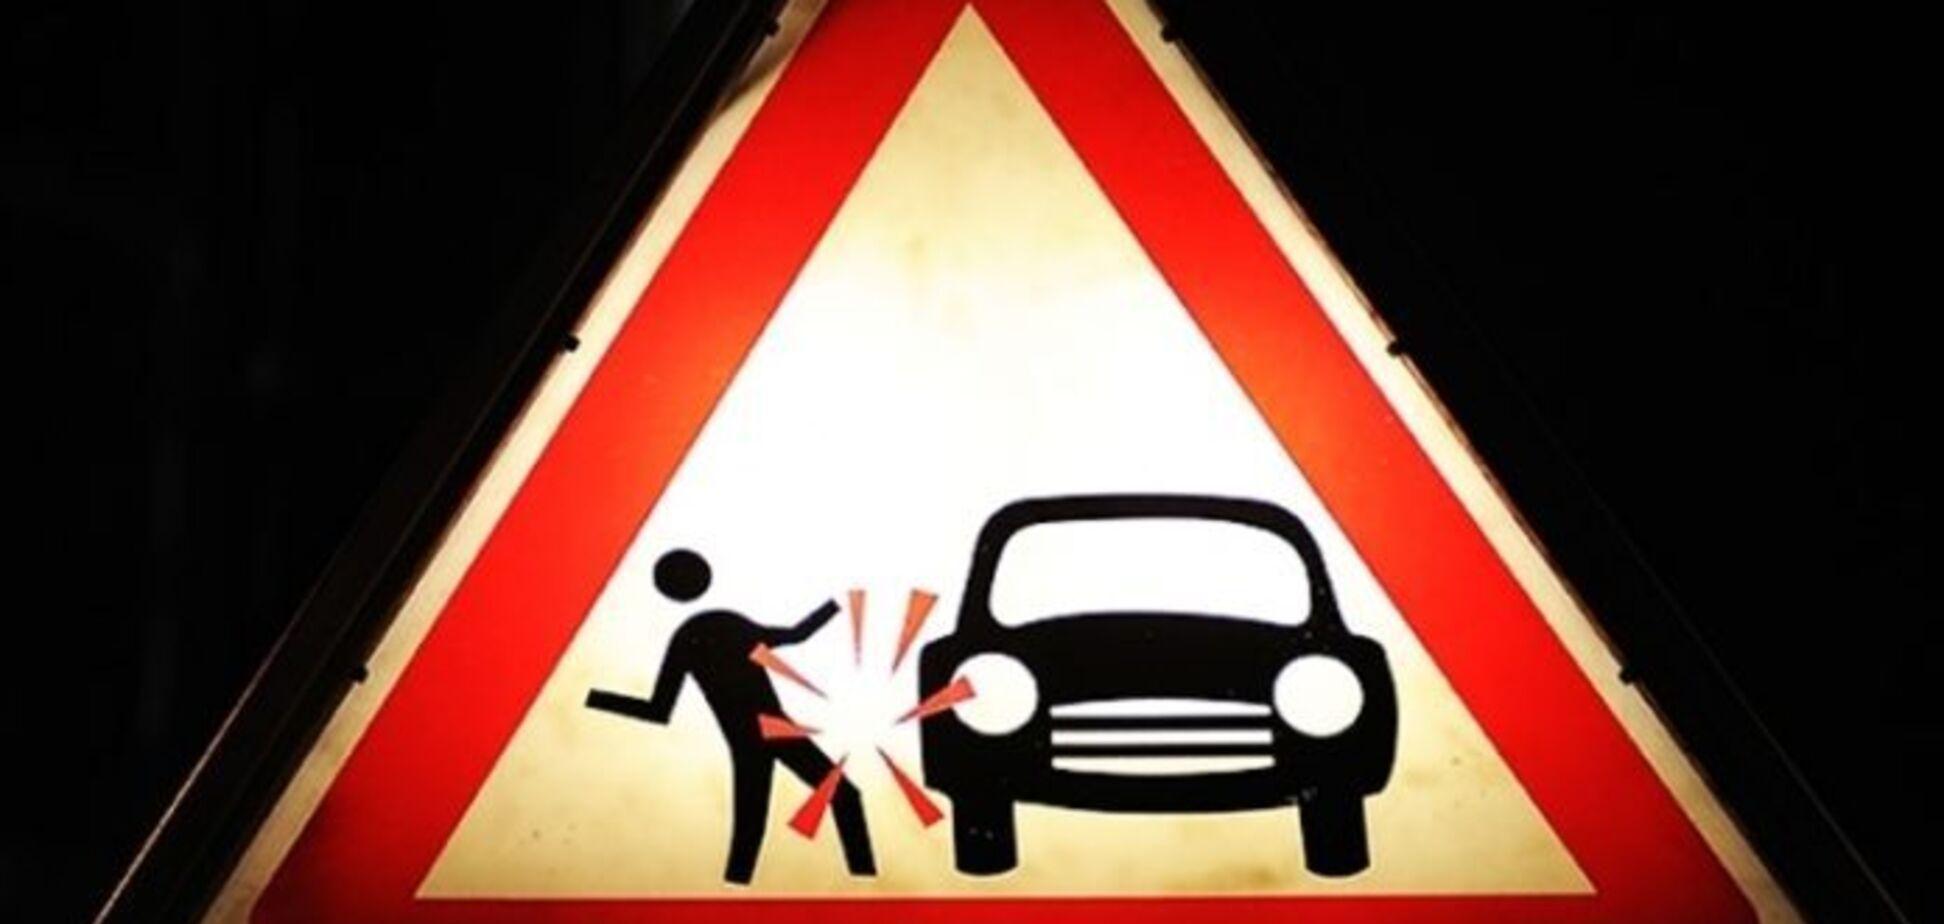 Даже не притормозил: в Днепре девушка вышла из трамвая и попала под машину